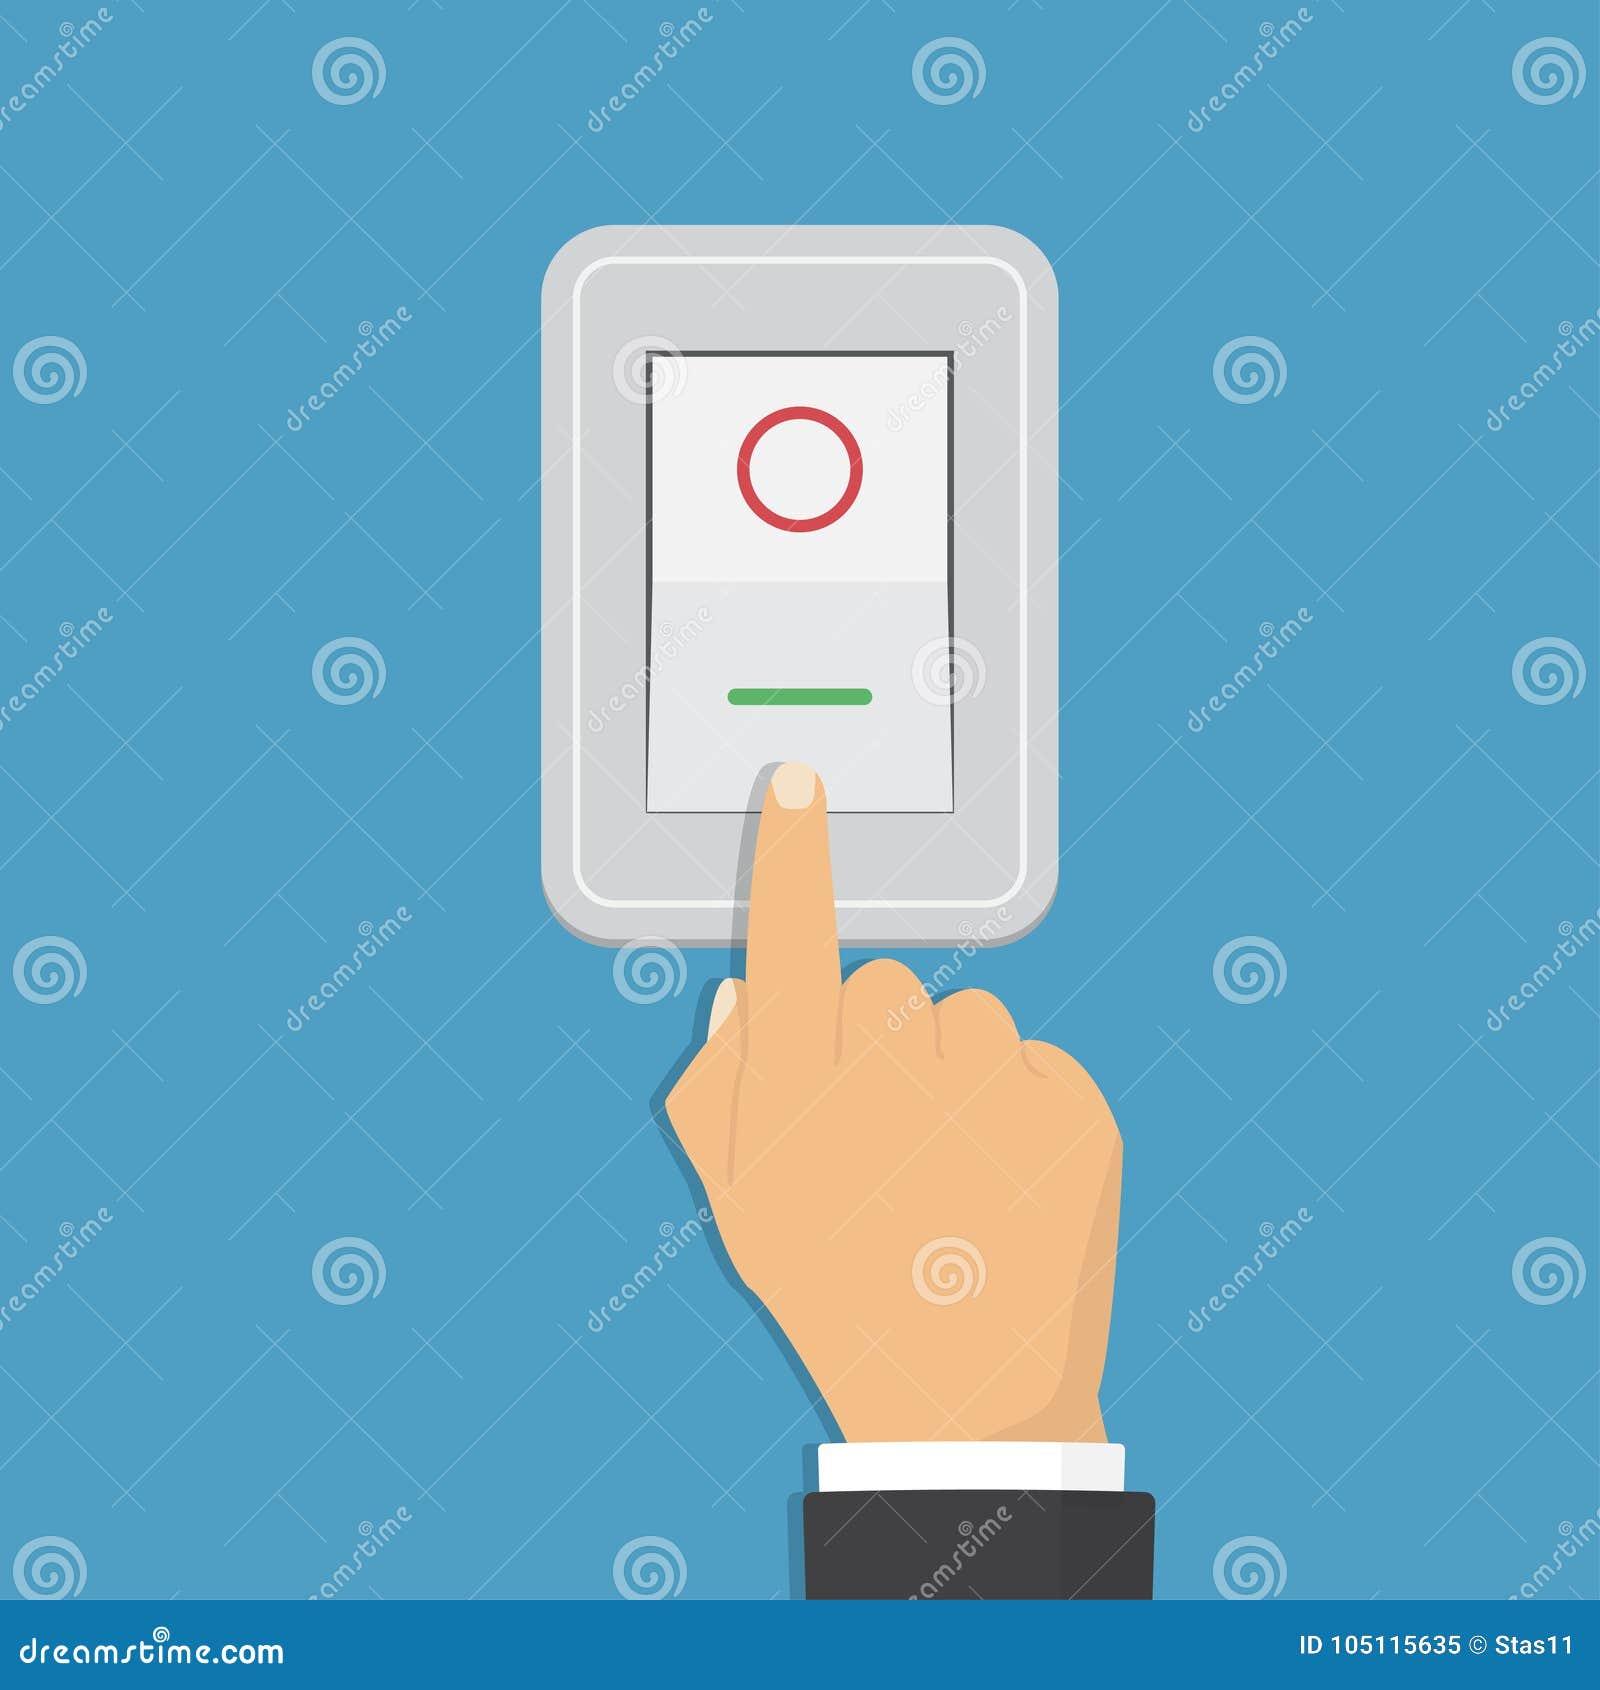 Διακόπτης αναστροφής Ηλεκτρική έννοια ελέγχου διανυσματικό γραφικό σχέδιο Isometric εικονίδιο Χέρι που ανοίγει το φως